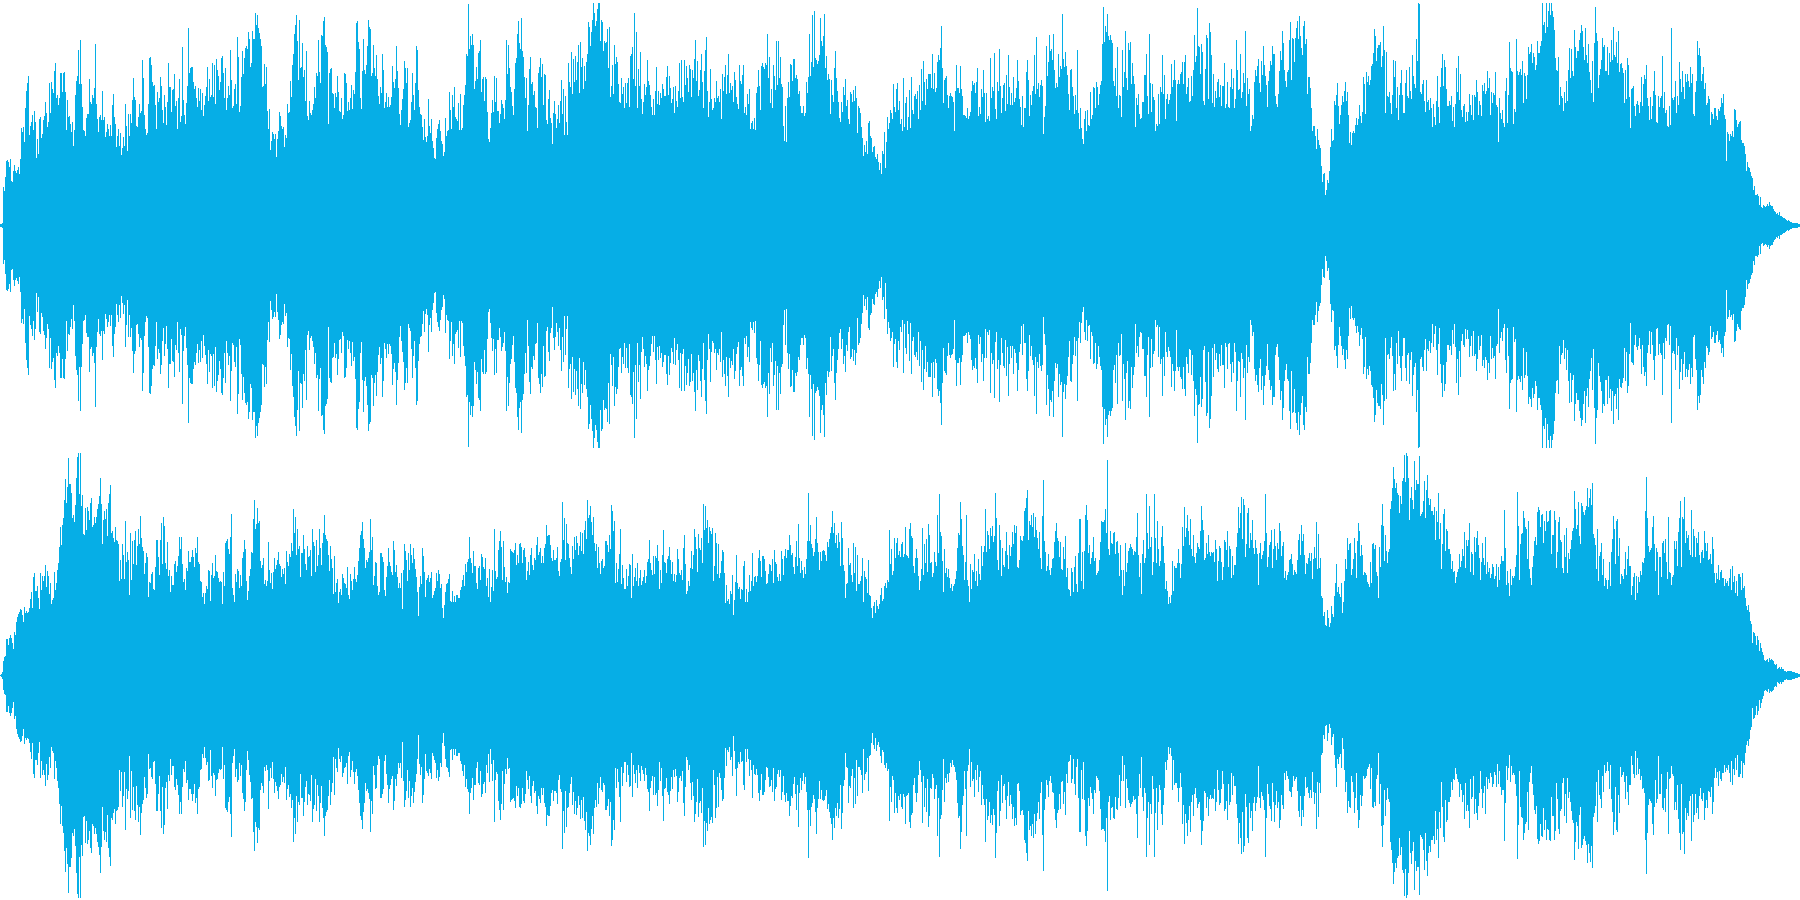 優しく懐かしい唱歌「故郷」弦楽合奏30sの再生済みの波形